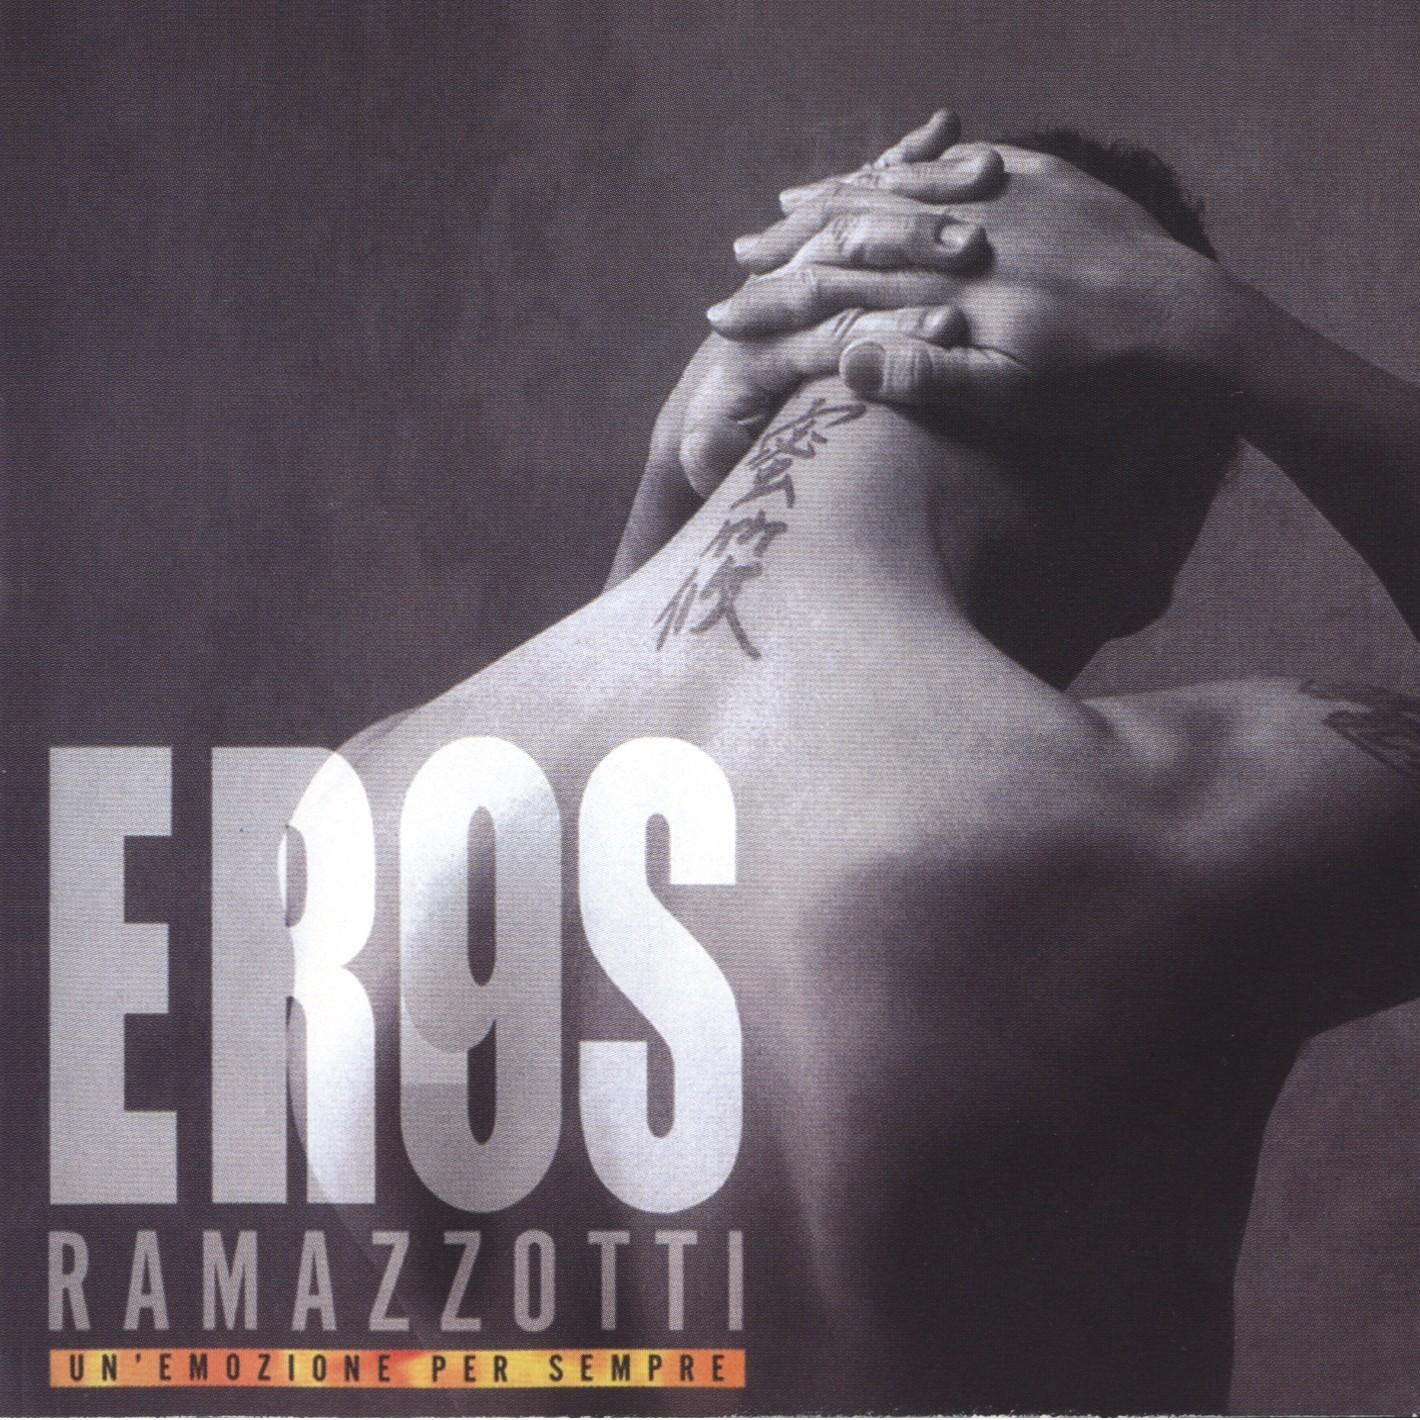 Unemozione-è-per-sempre-Eros-Ramazzotti